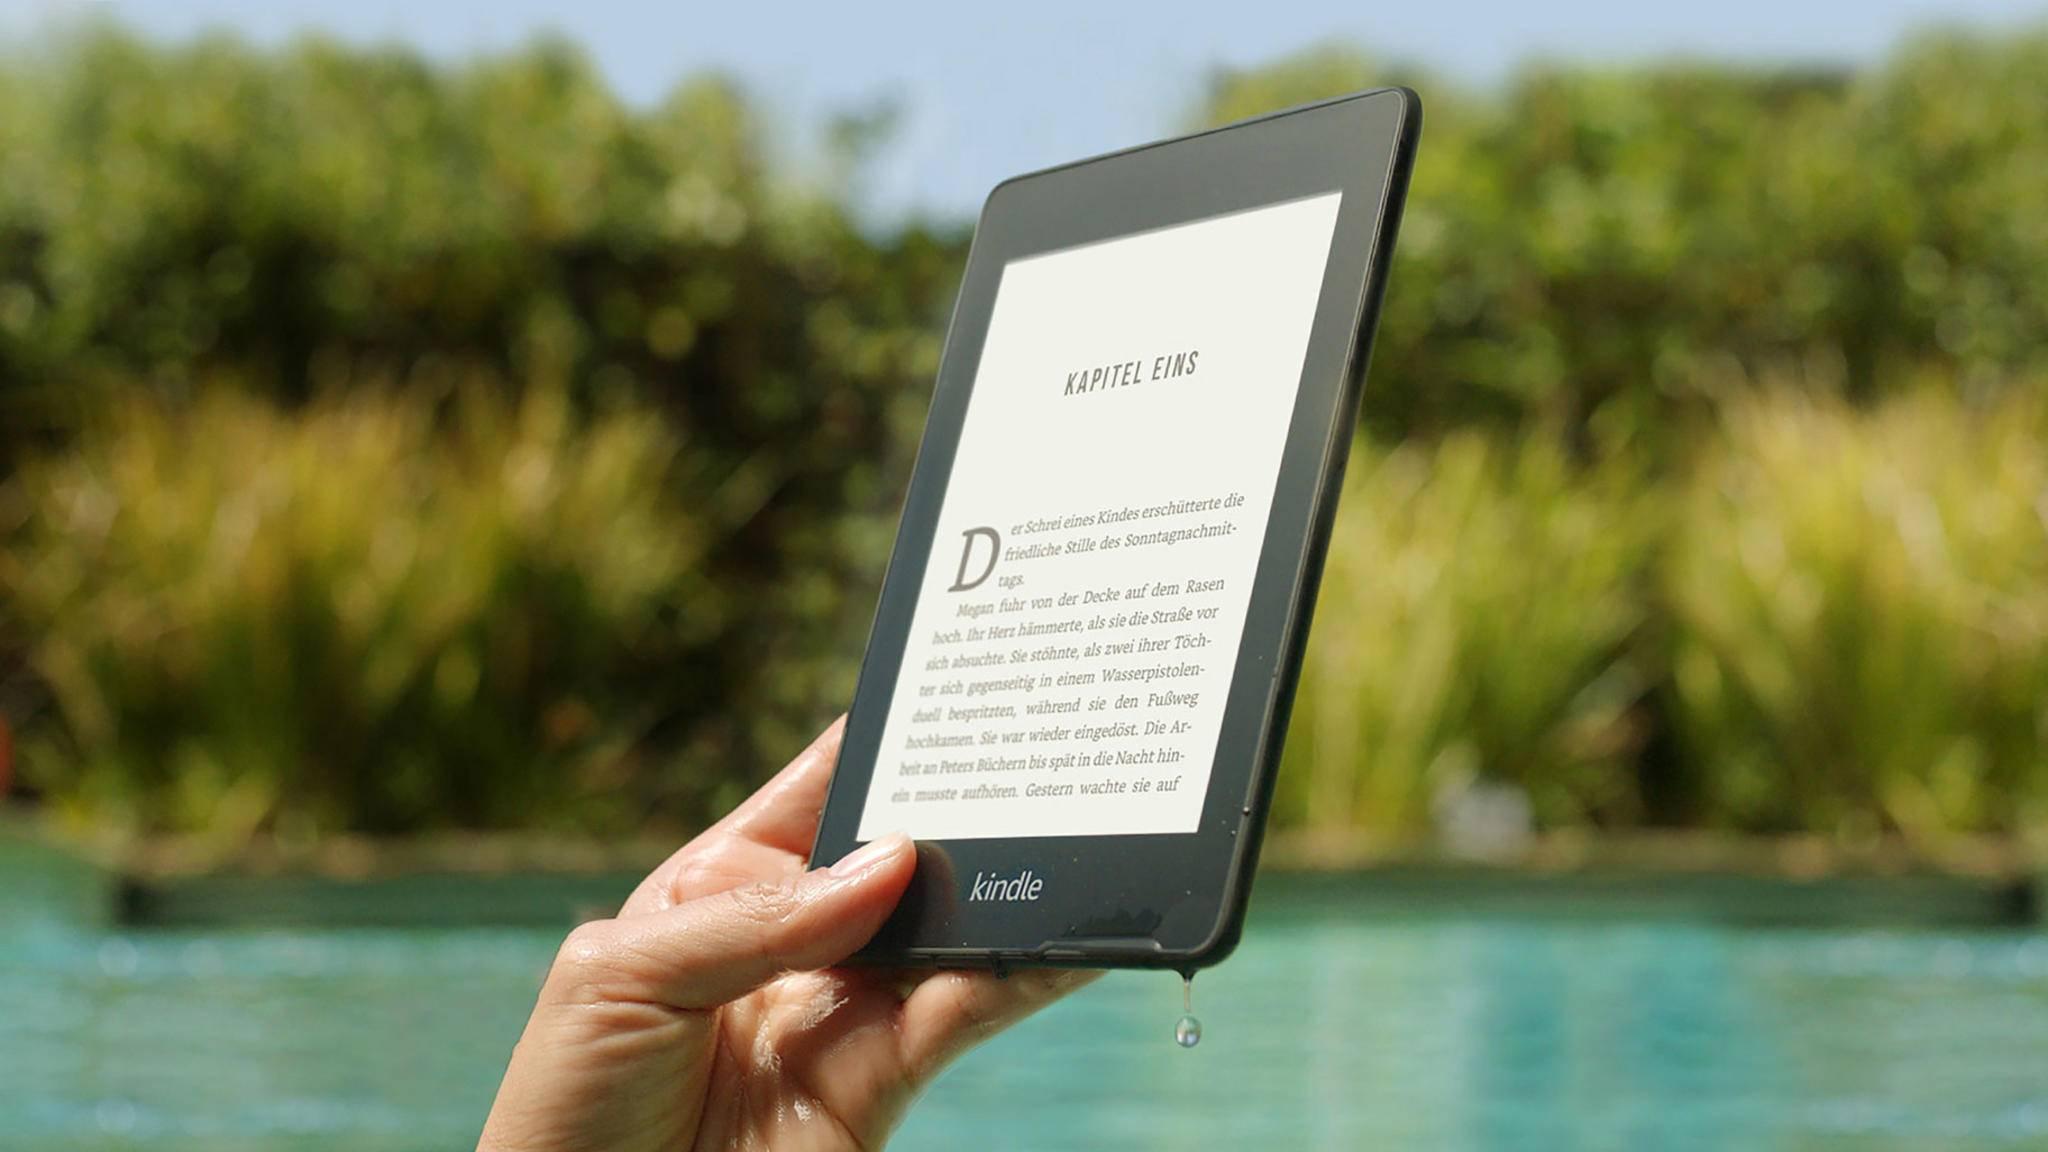 Im Gegensatz zum Kindle Paperwhite (im Bild) sollen zukünftige E-Reader ein farbiges Display erhalten.